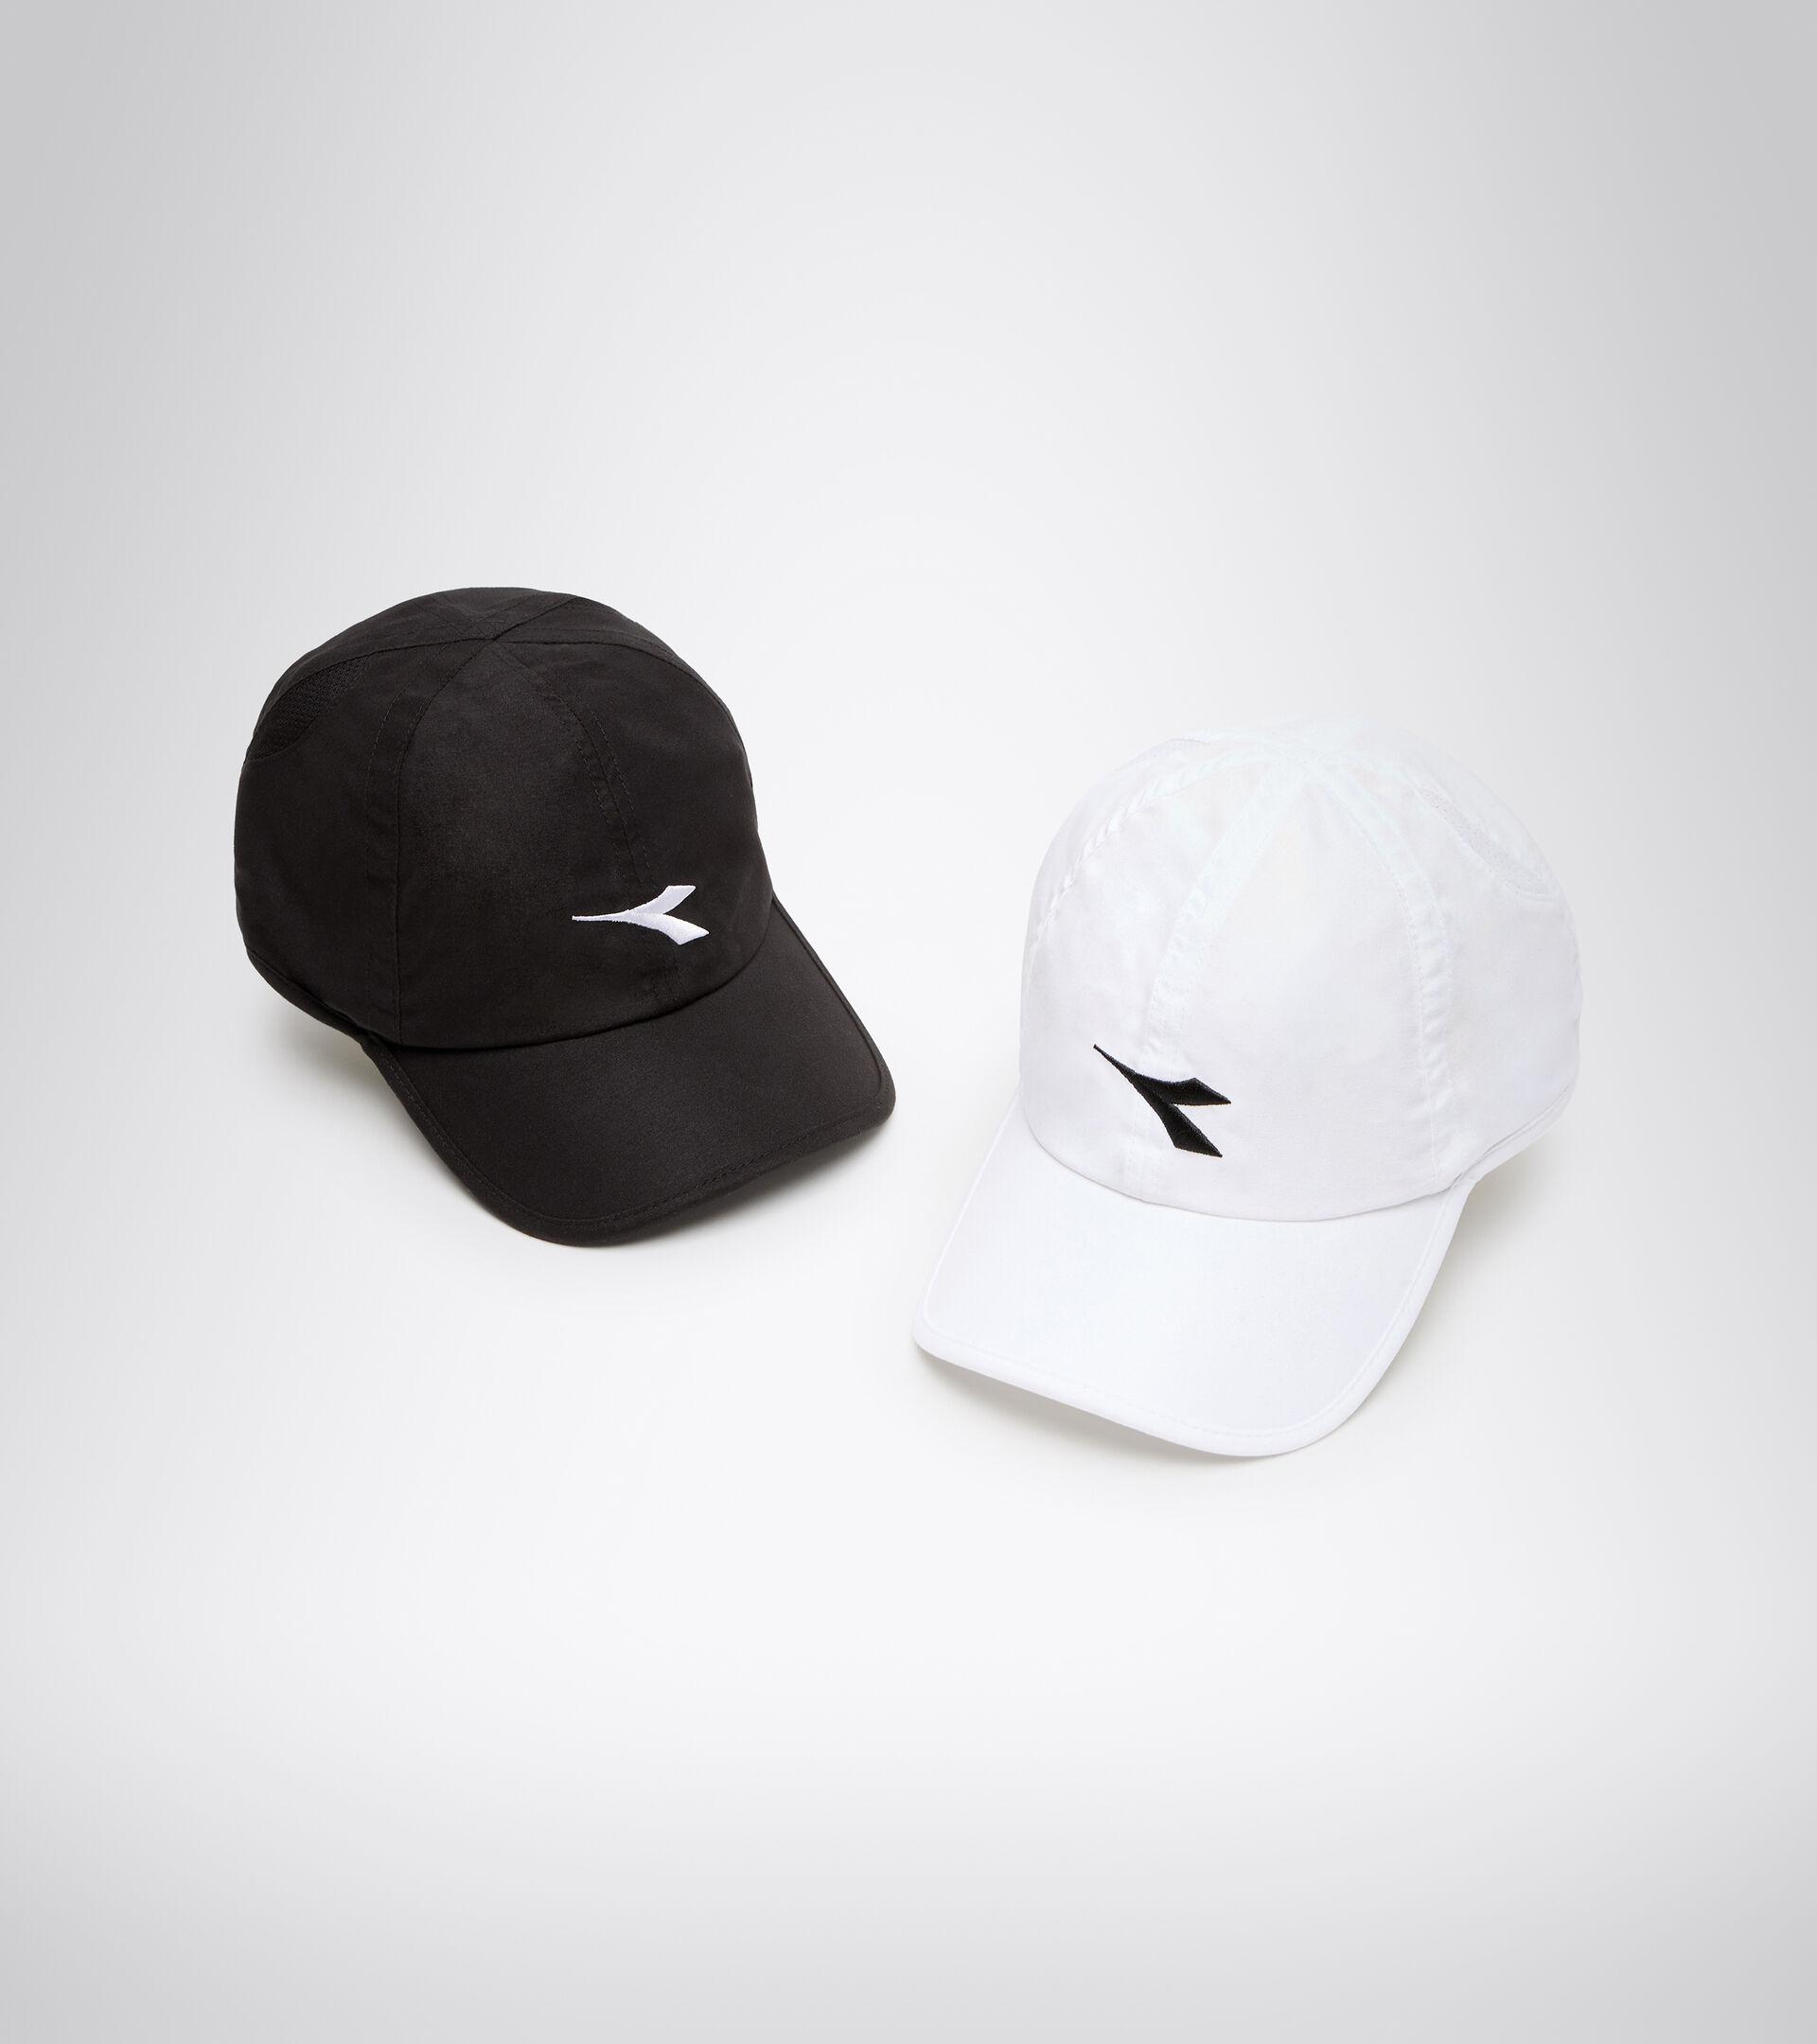 Accessories Sport UNISEX ADJUSTABLE CAP BLACK/OPTICAL WHITE Diadora